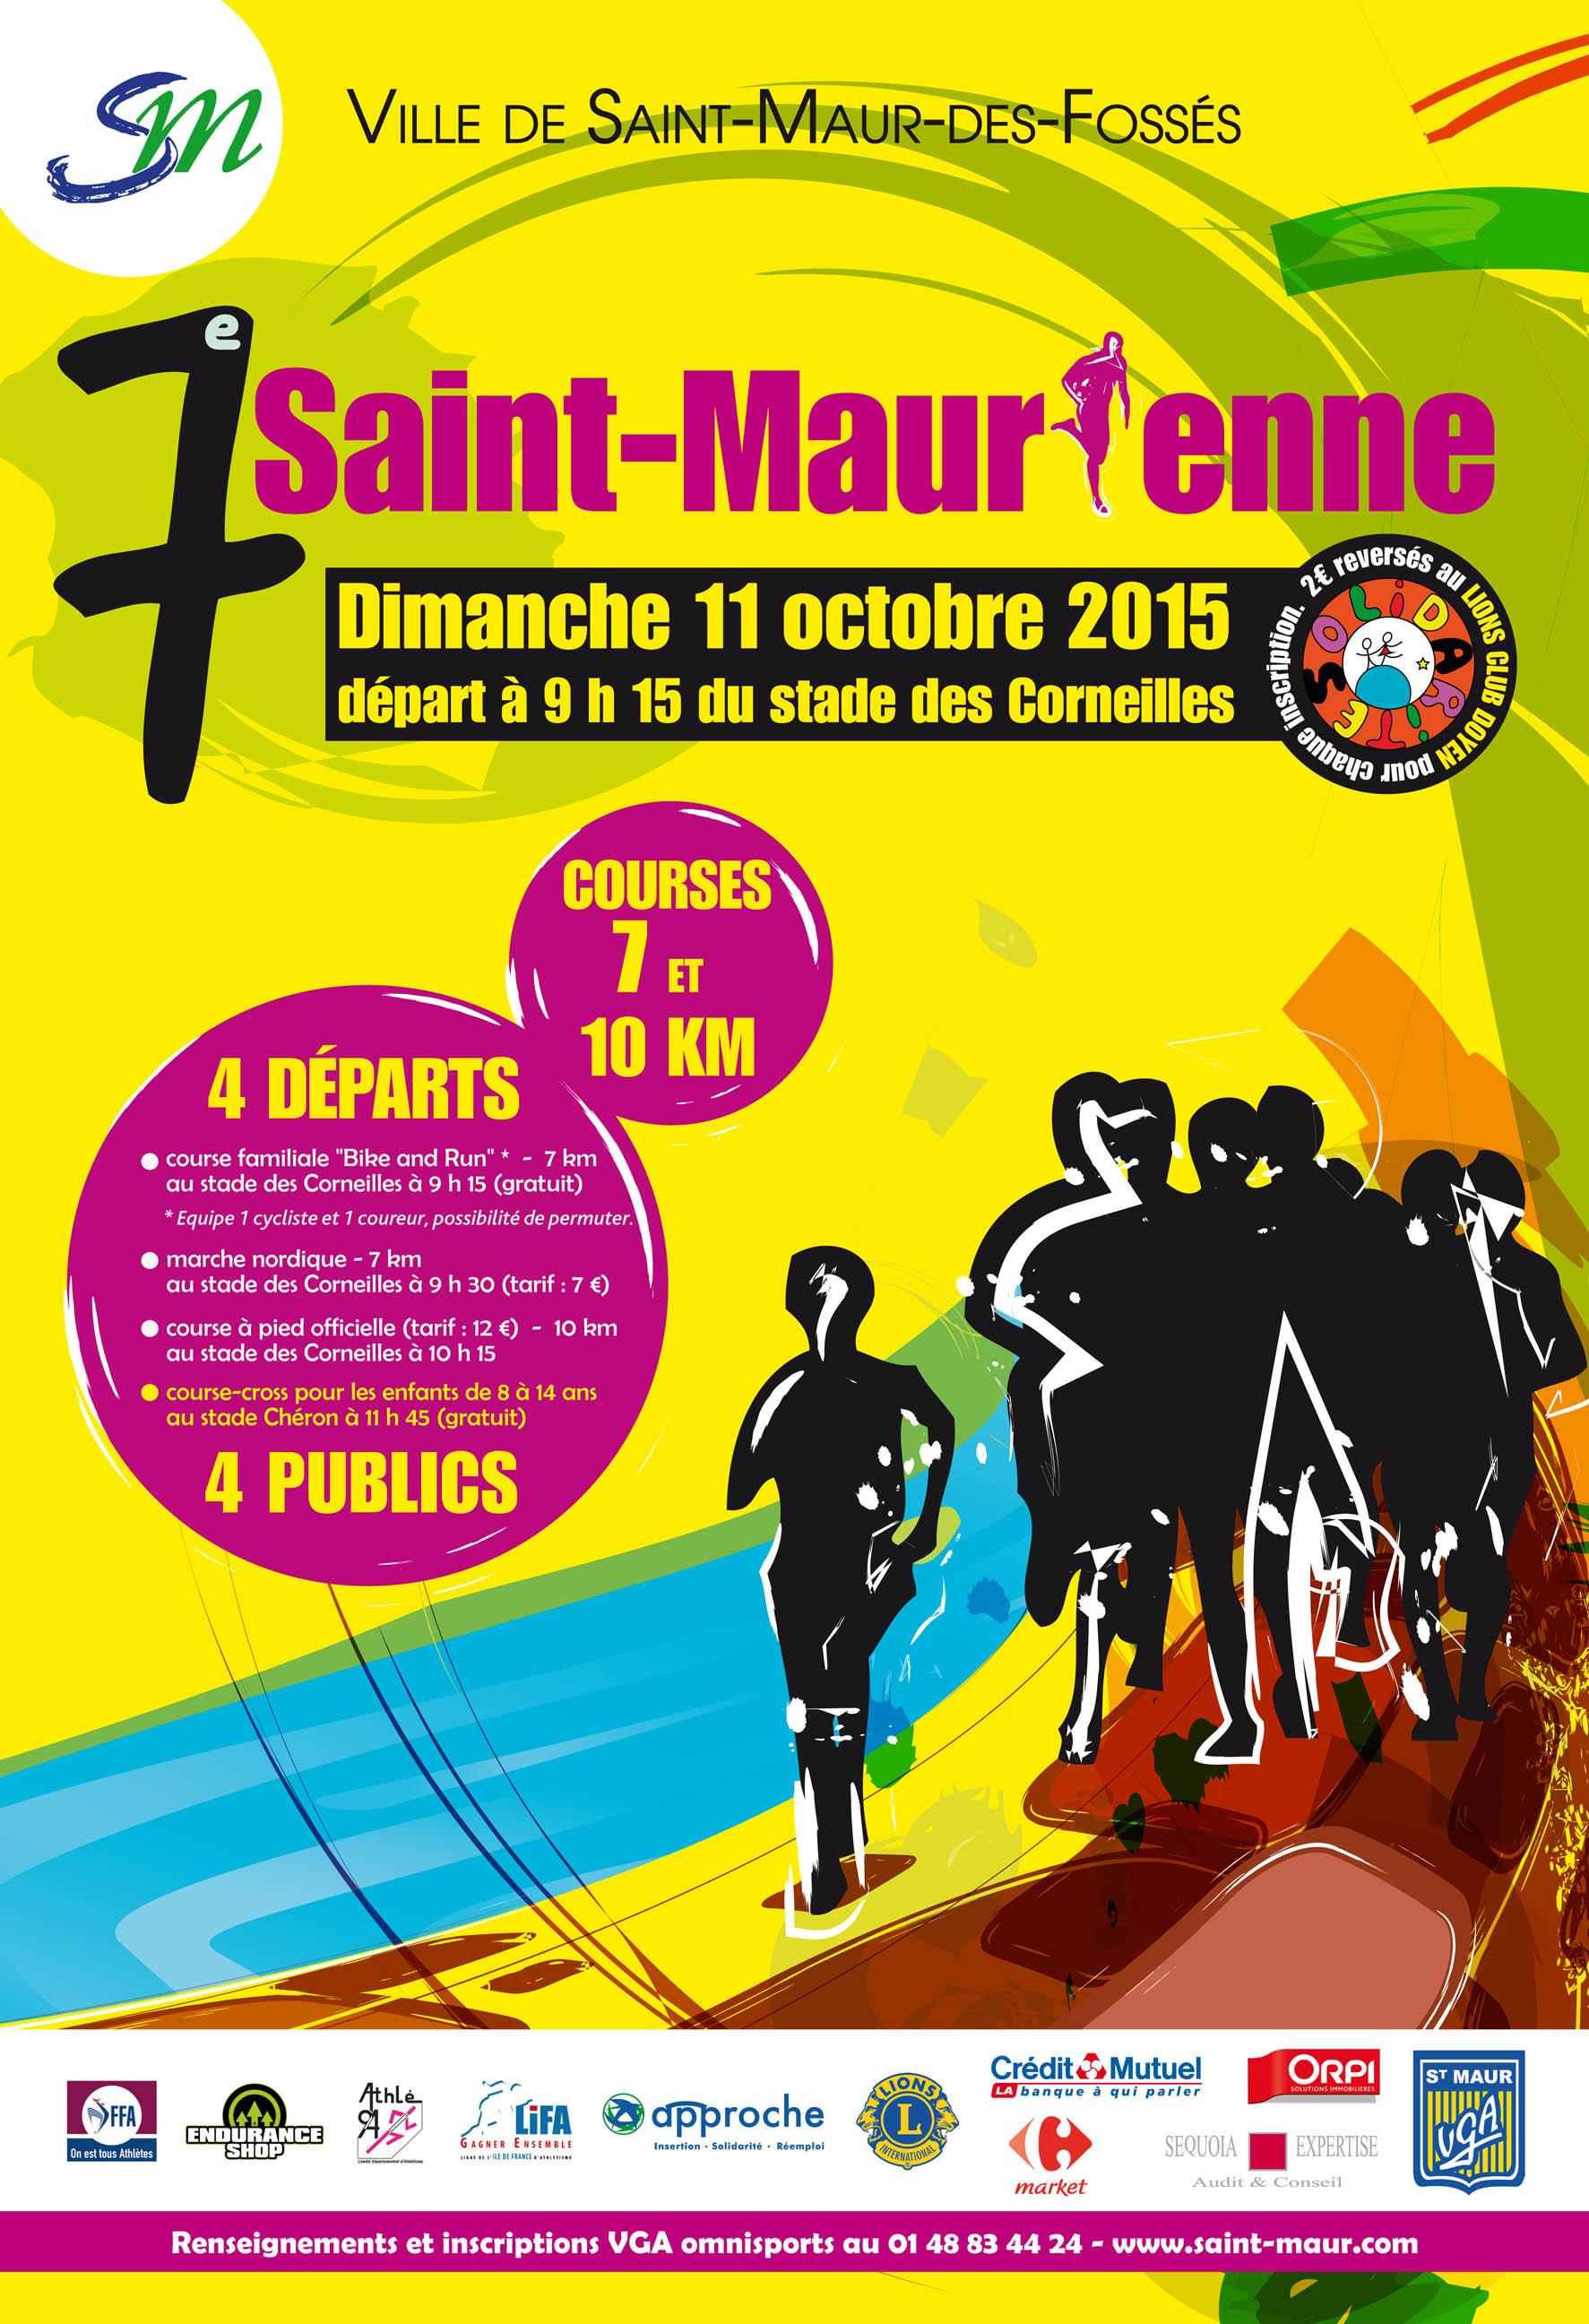 La Saint-Maurienne 2015 : 7ème édition !